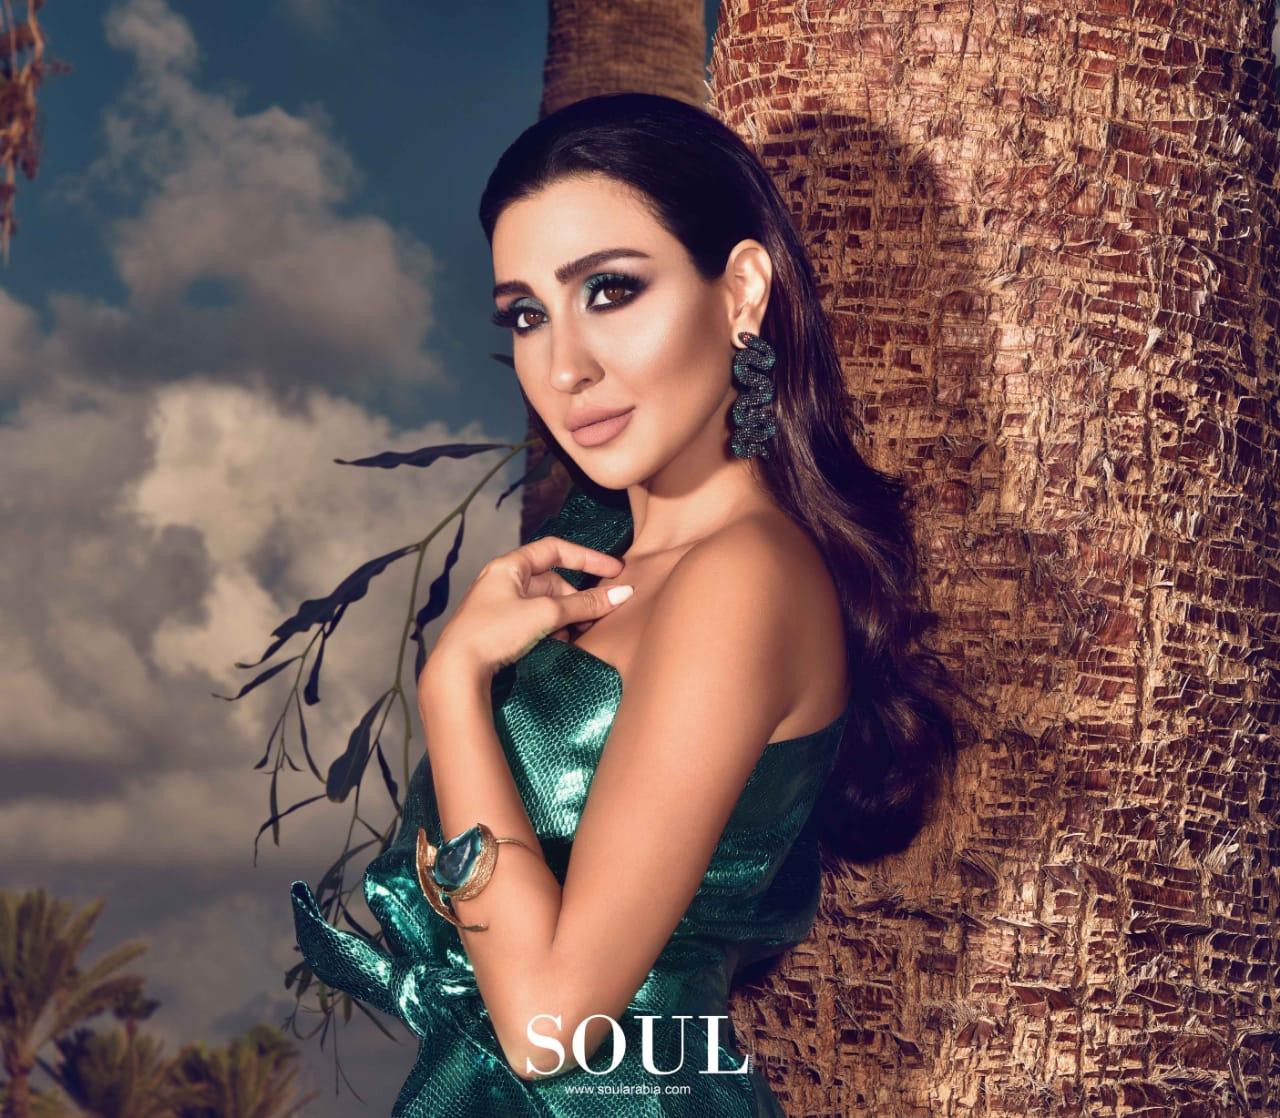 صور  جيسي عبدو باطلالة جريئة على غلاف مجلة SOUL العالمية